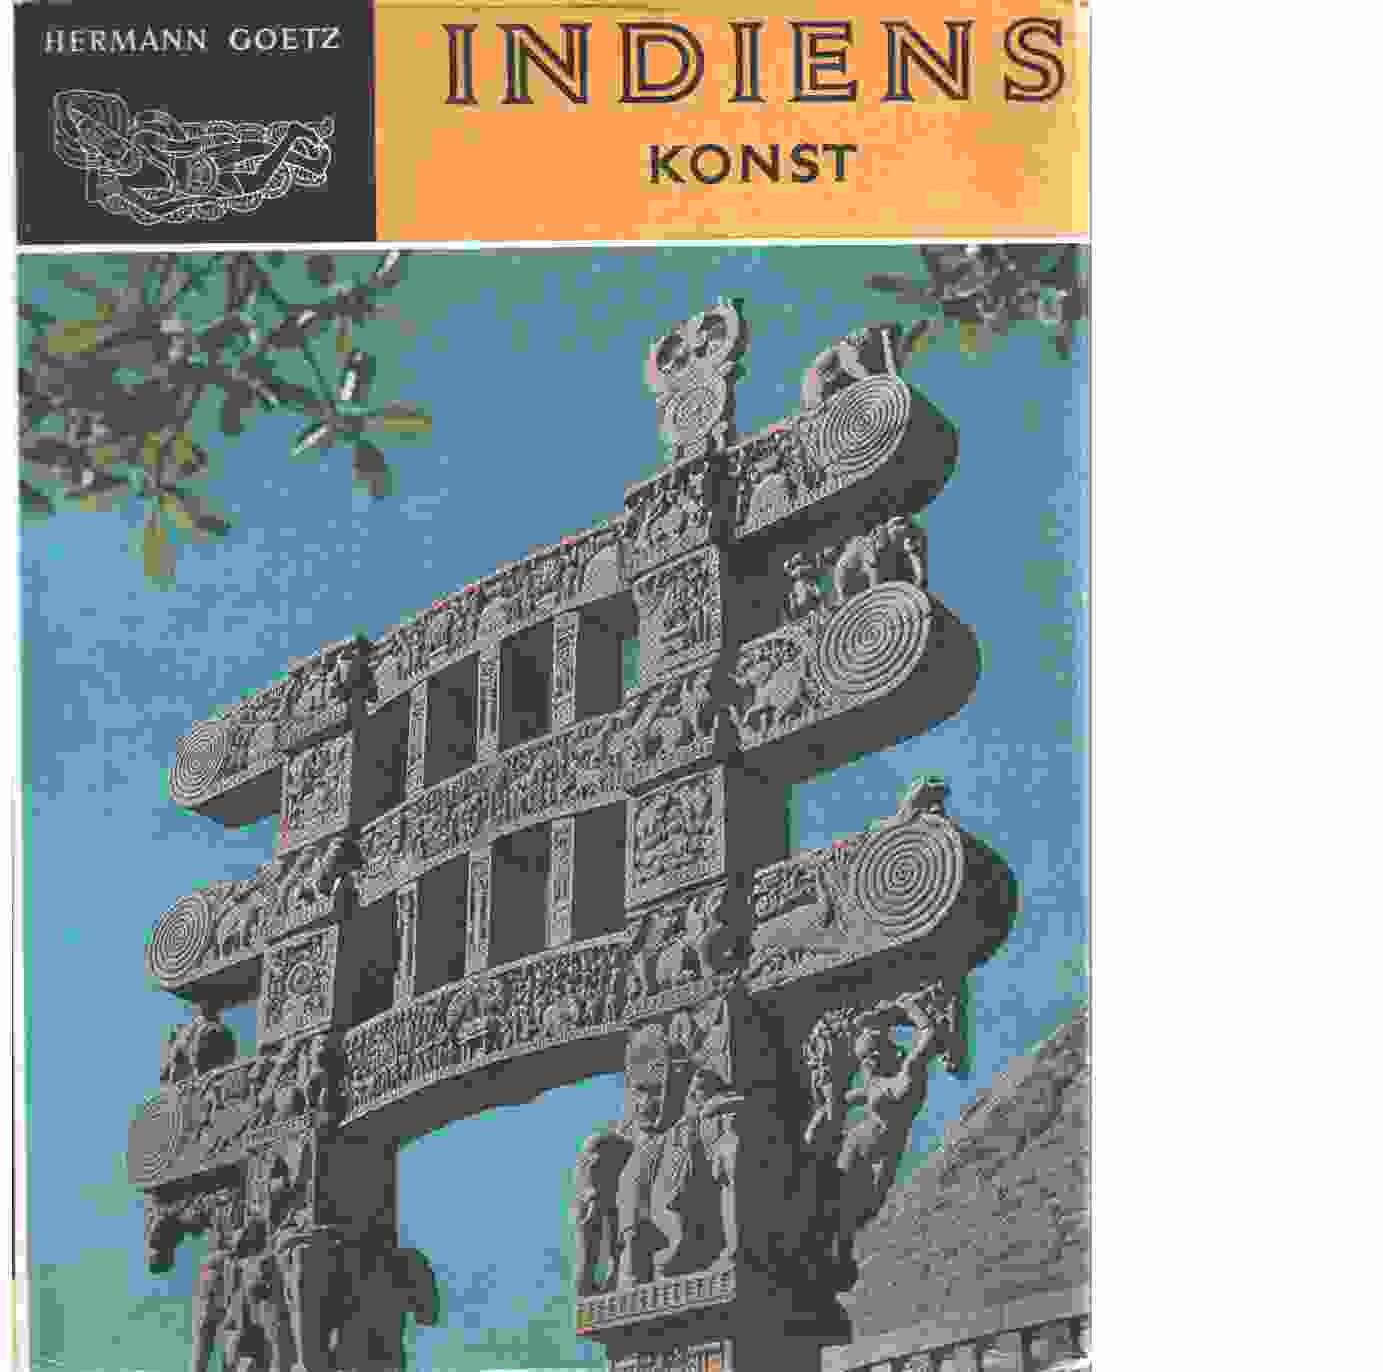 Indiens konst genom femtusen år : med 68 färgreproduktioner - Goetz, Hermann